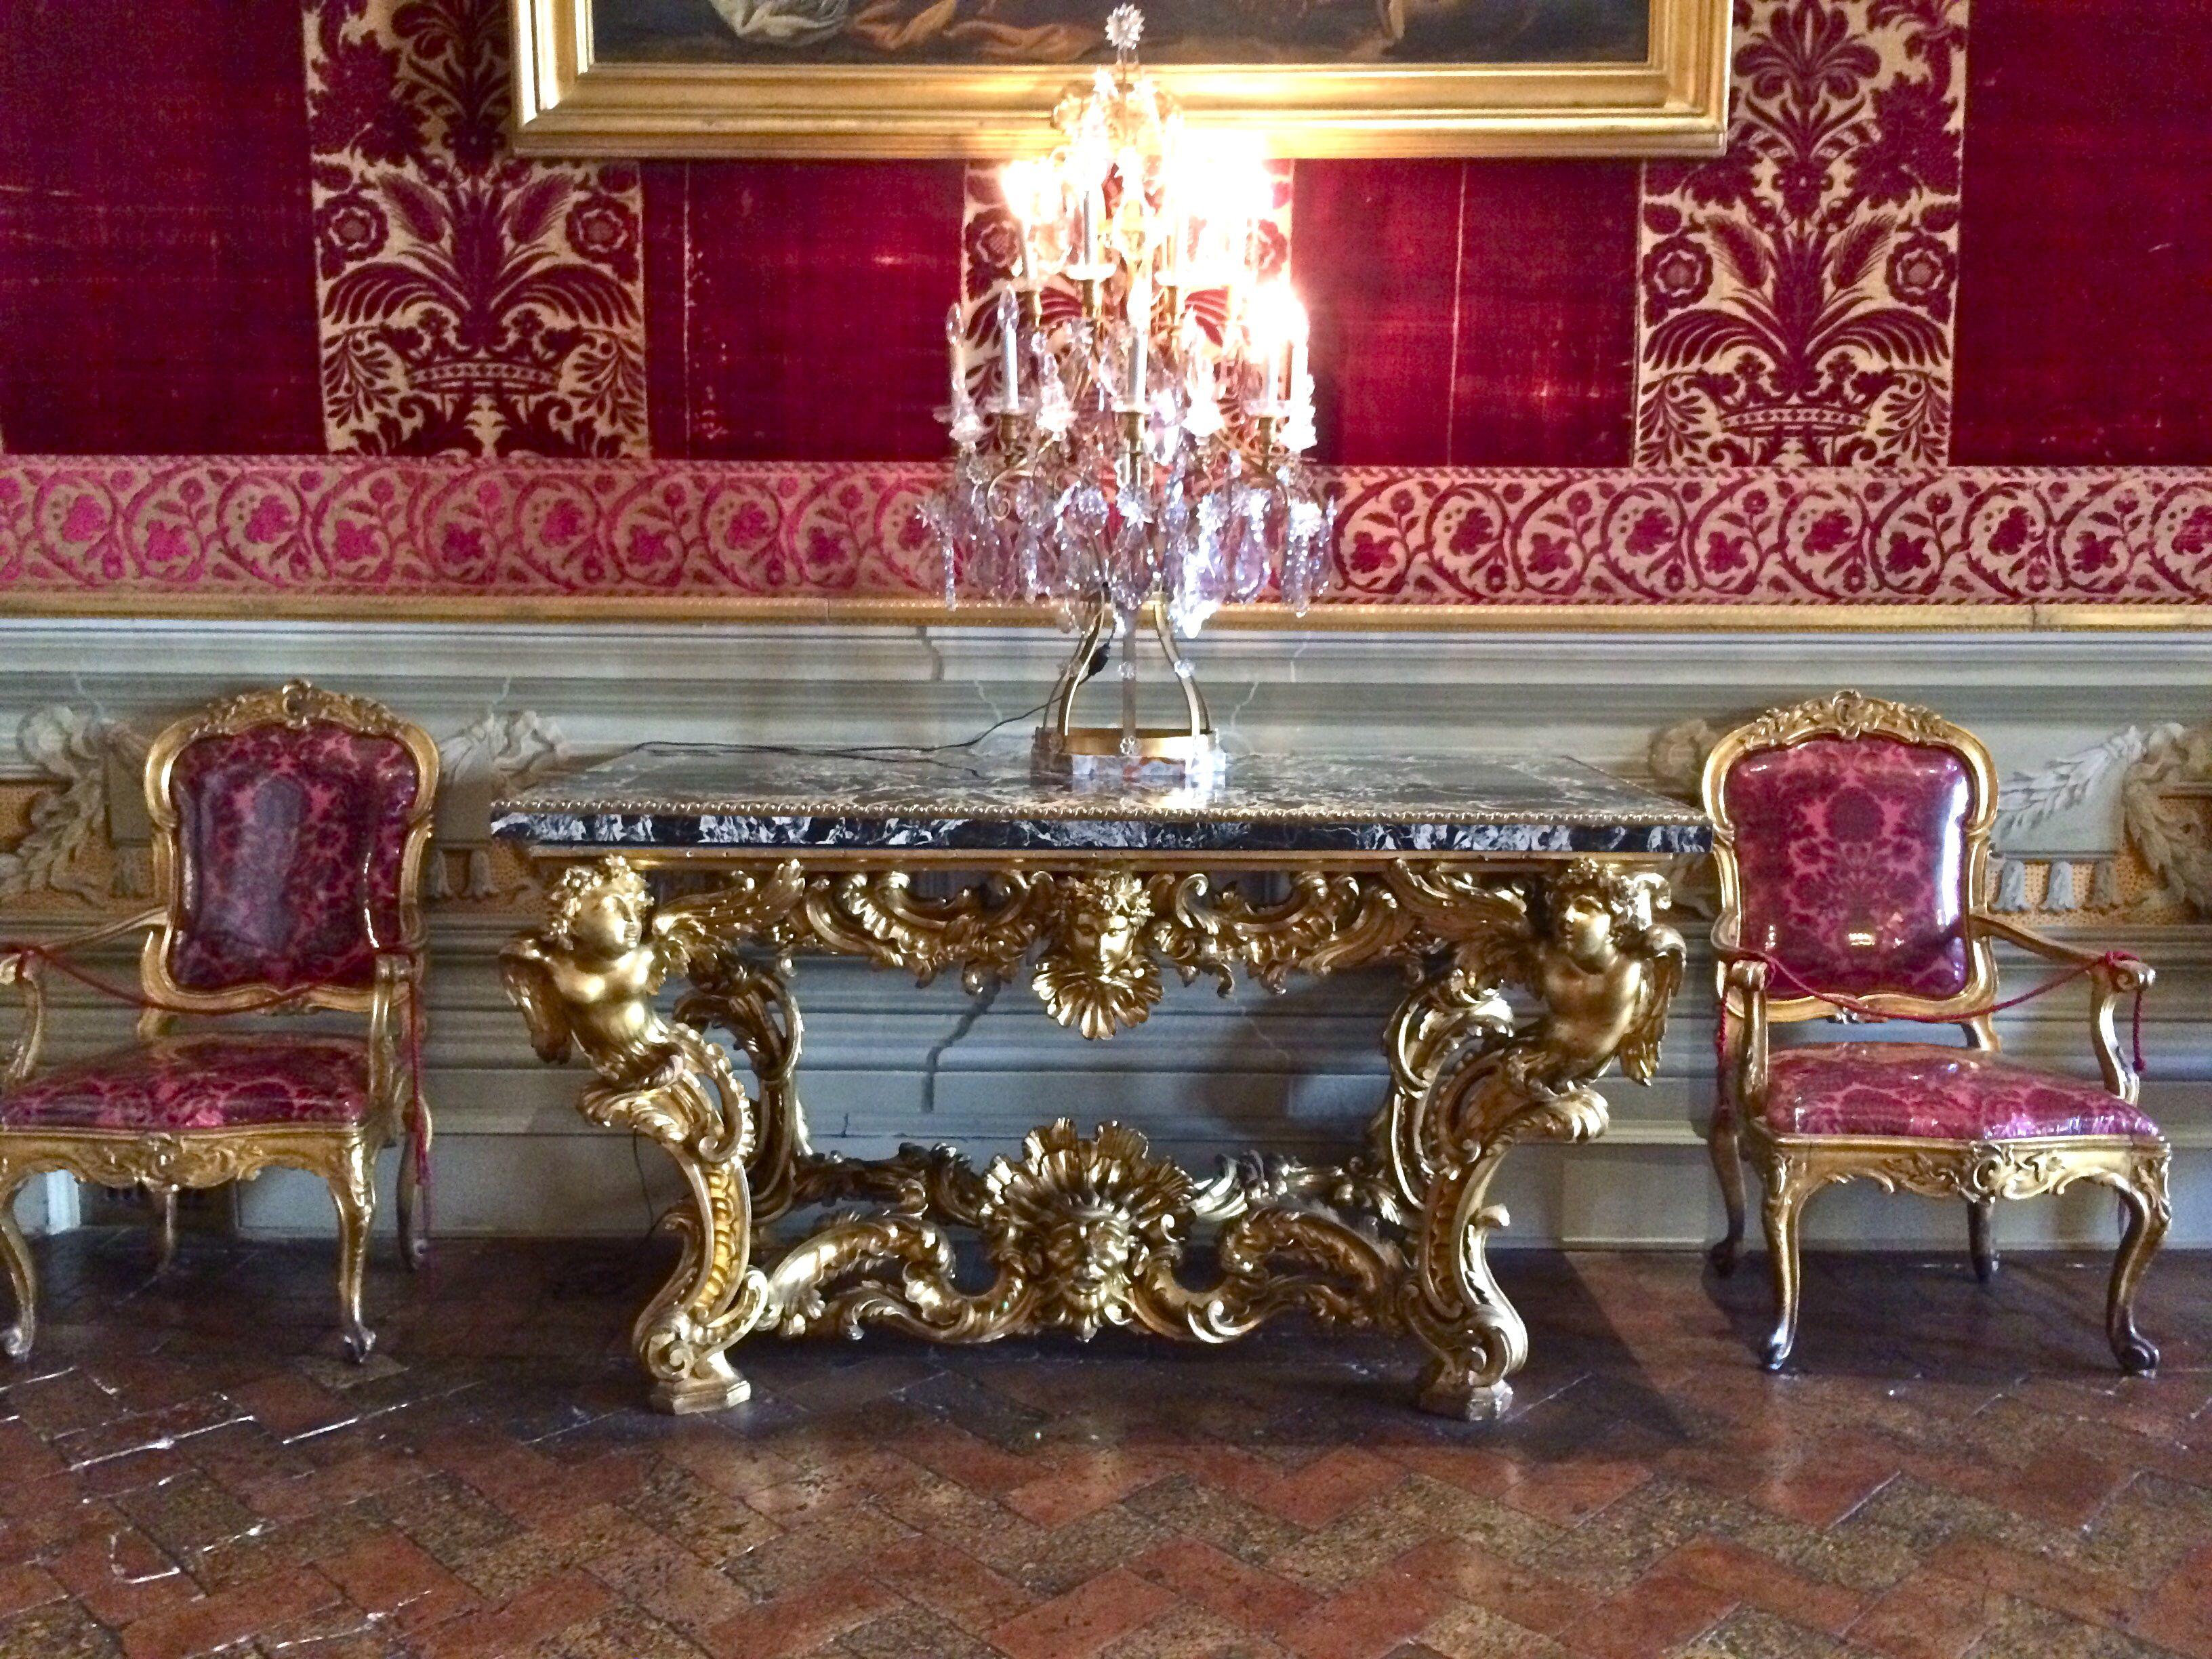 Peaceful grandeur in Rome